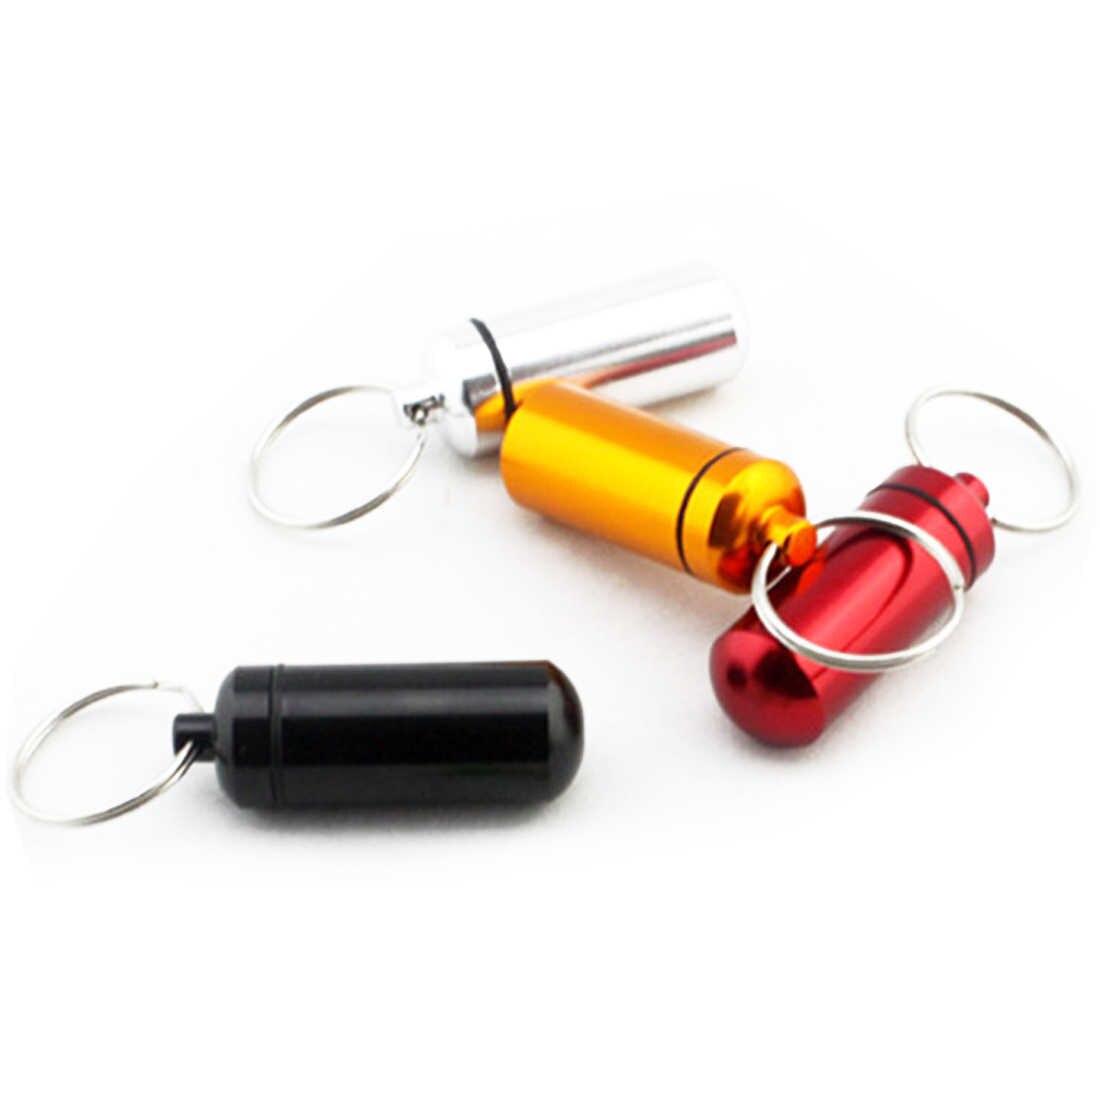 مصغرة مفتاح سلسلة الألومنيوم حبوب منع الحمل مربع الطب حالة الحاويات زجاجة حامل المفاتيح حلقة تسلق في الهواء الطلق حالة قبعة صغيرة مستديرة المحمولة